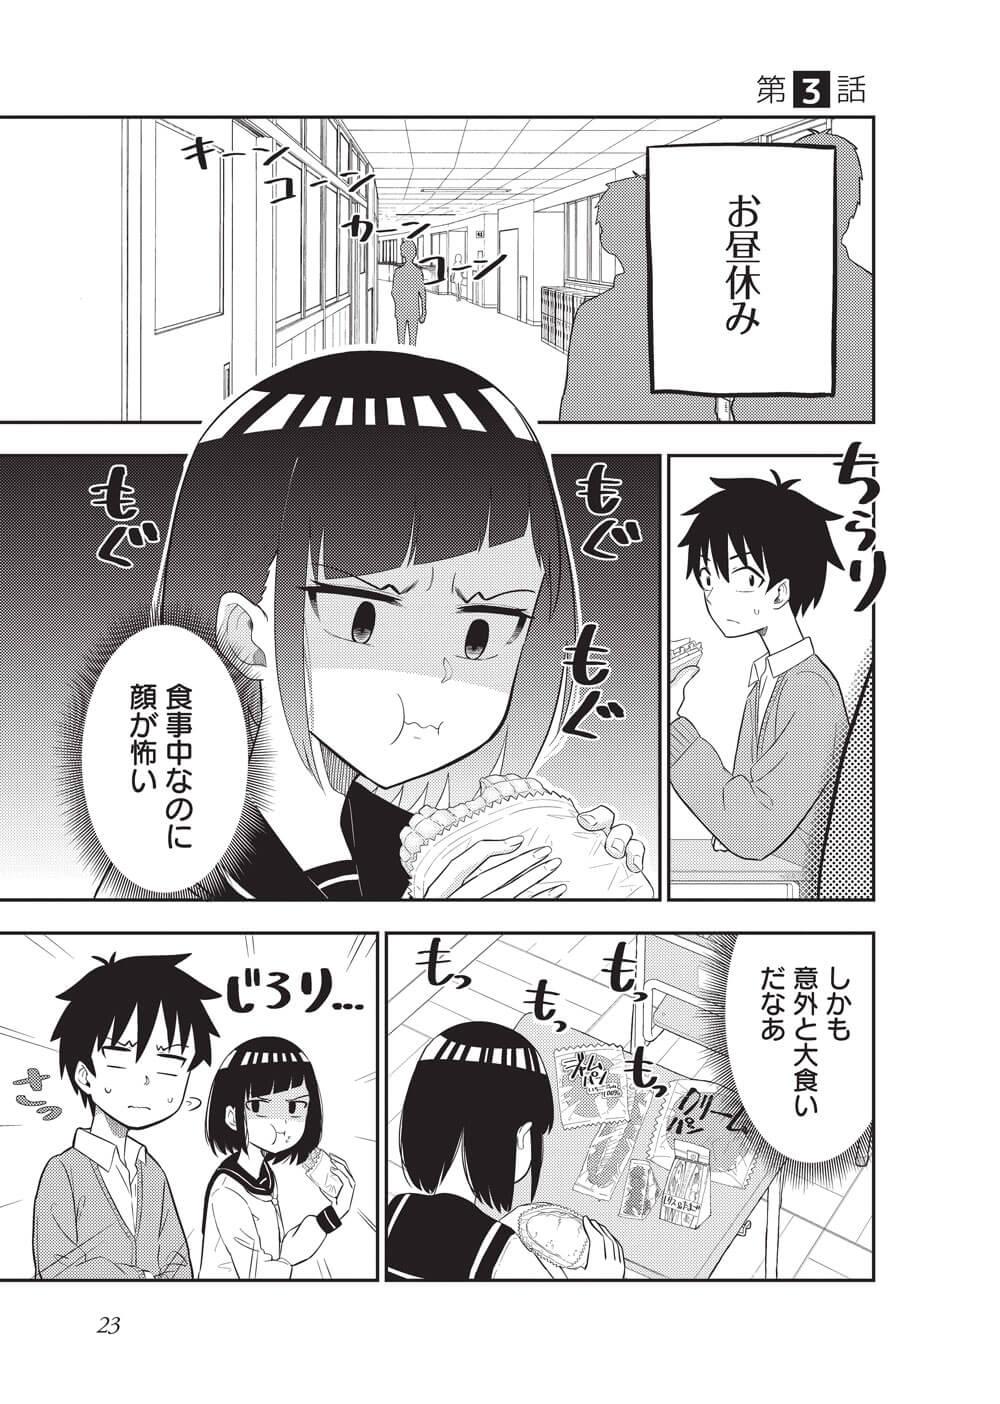 クラスメイトの田中さんはすごく怖い-3-1